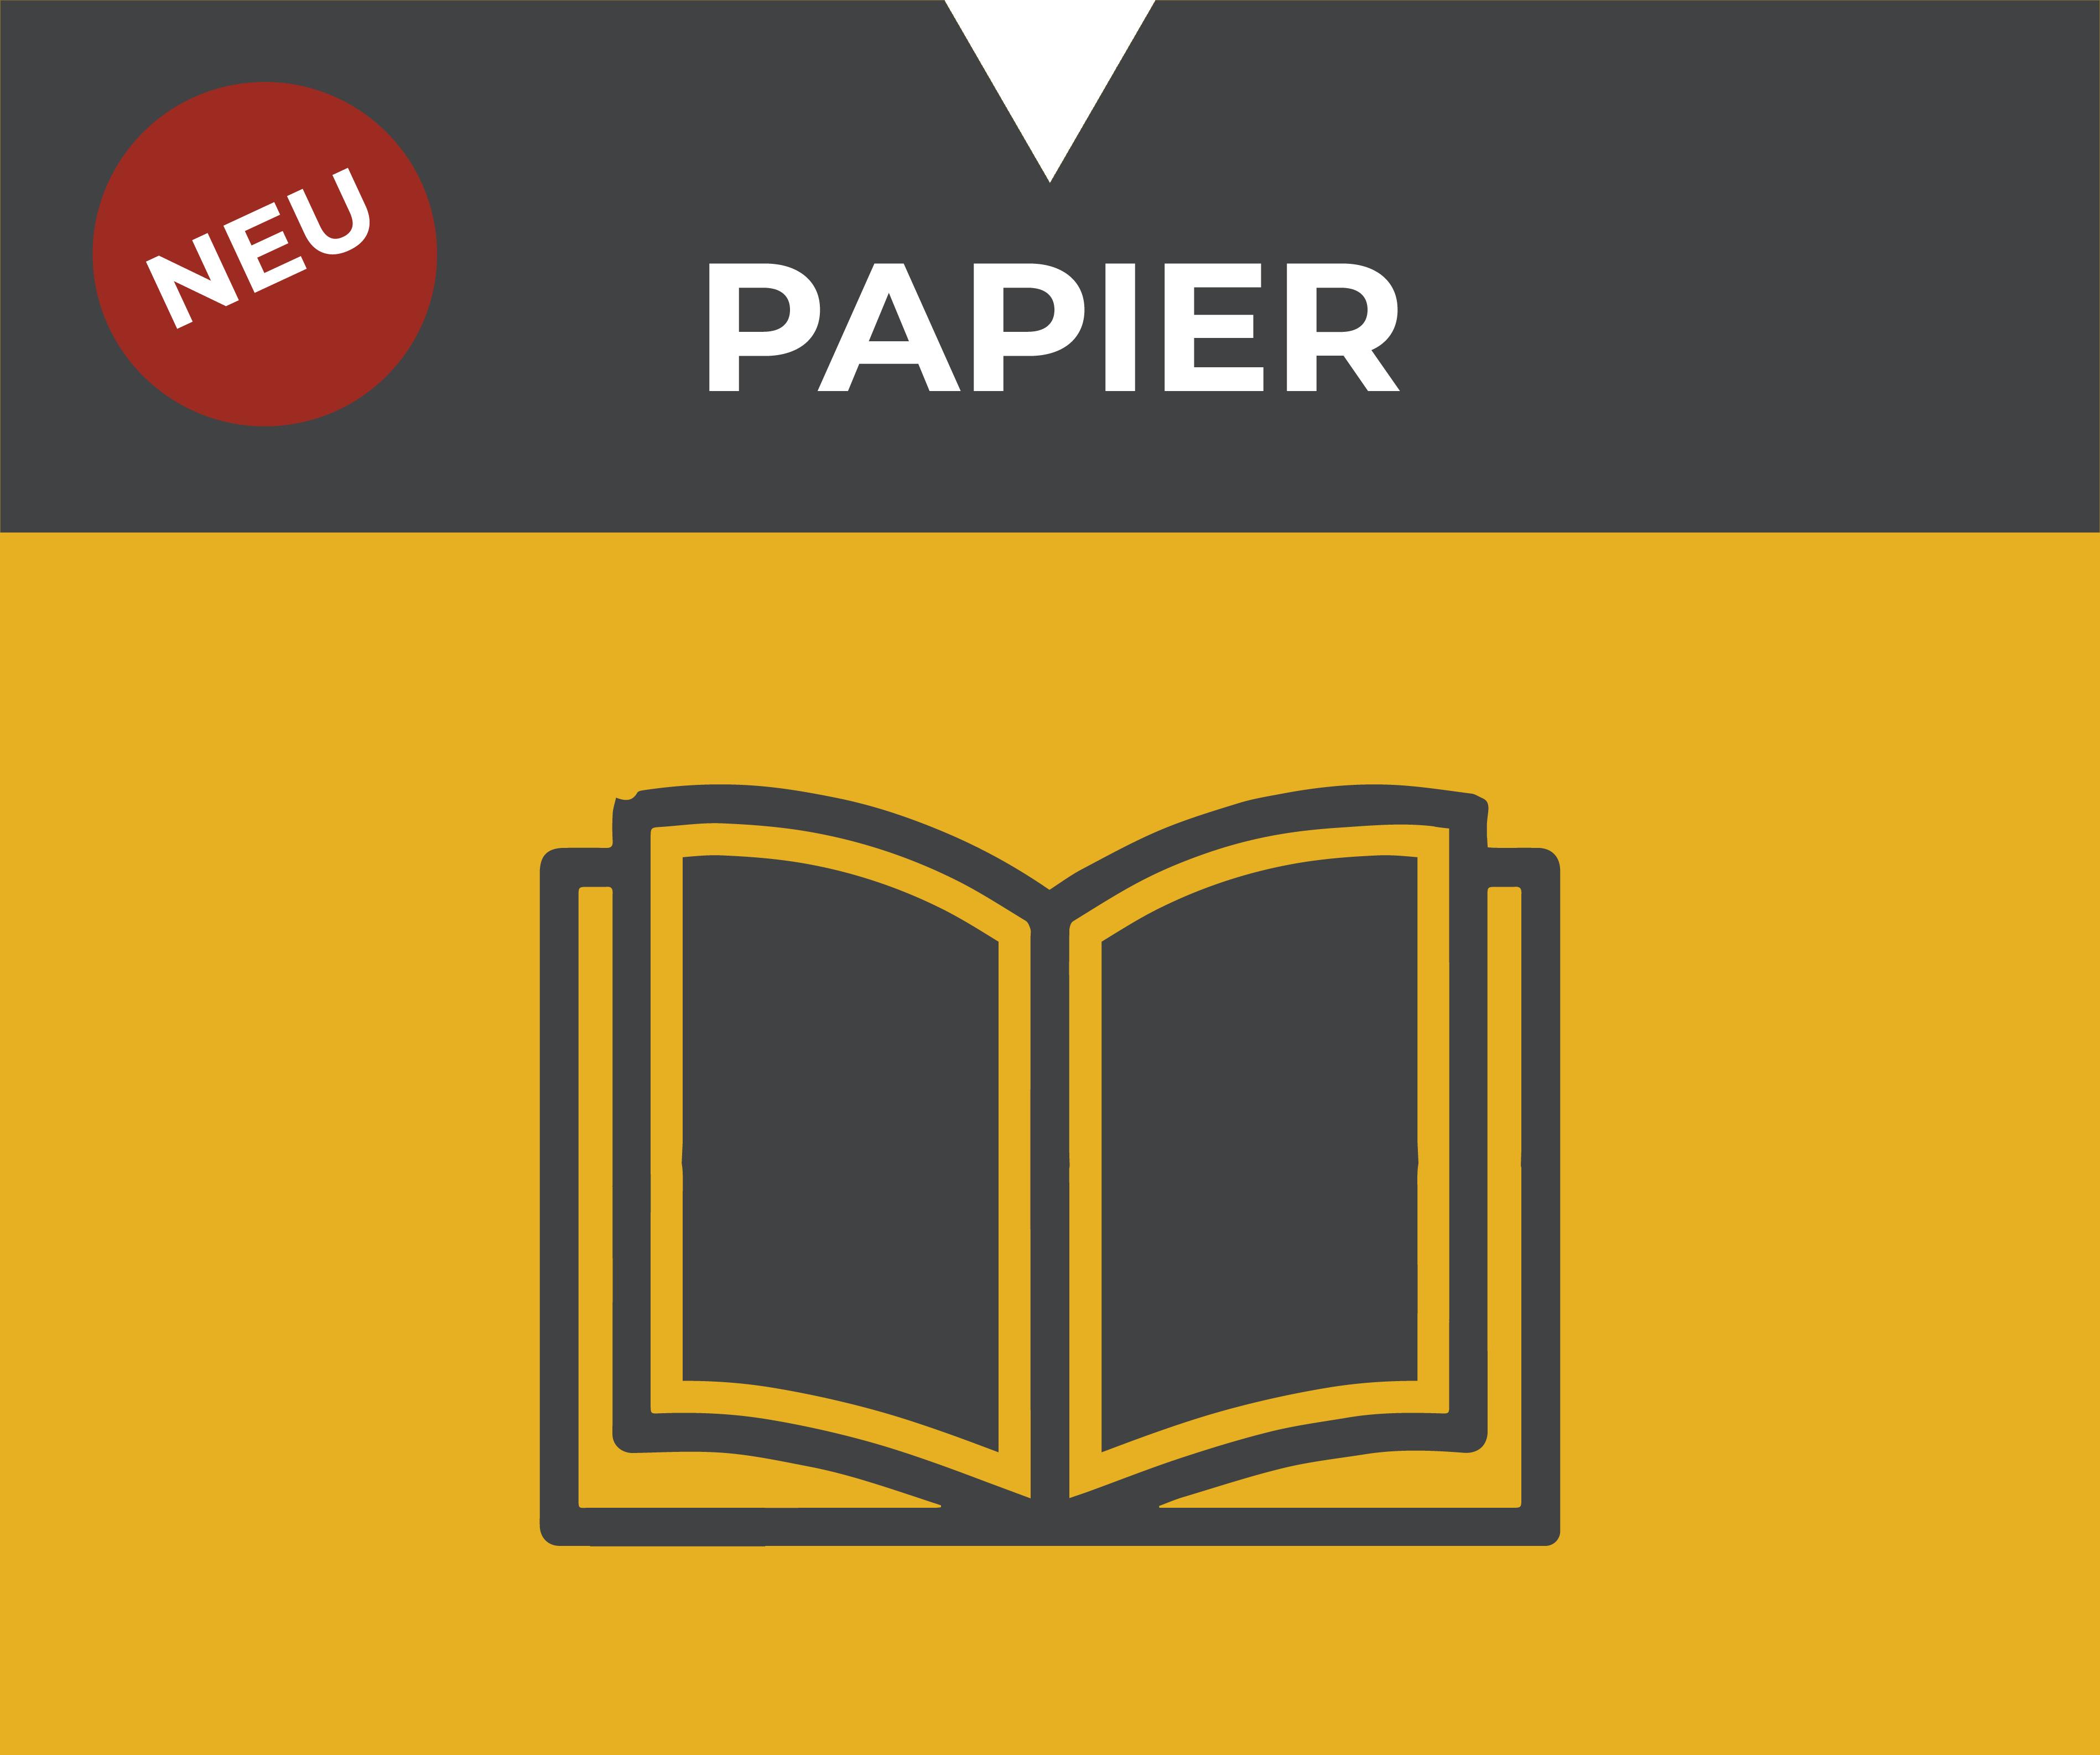 Papier_02